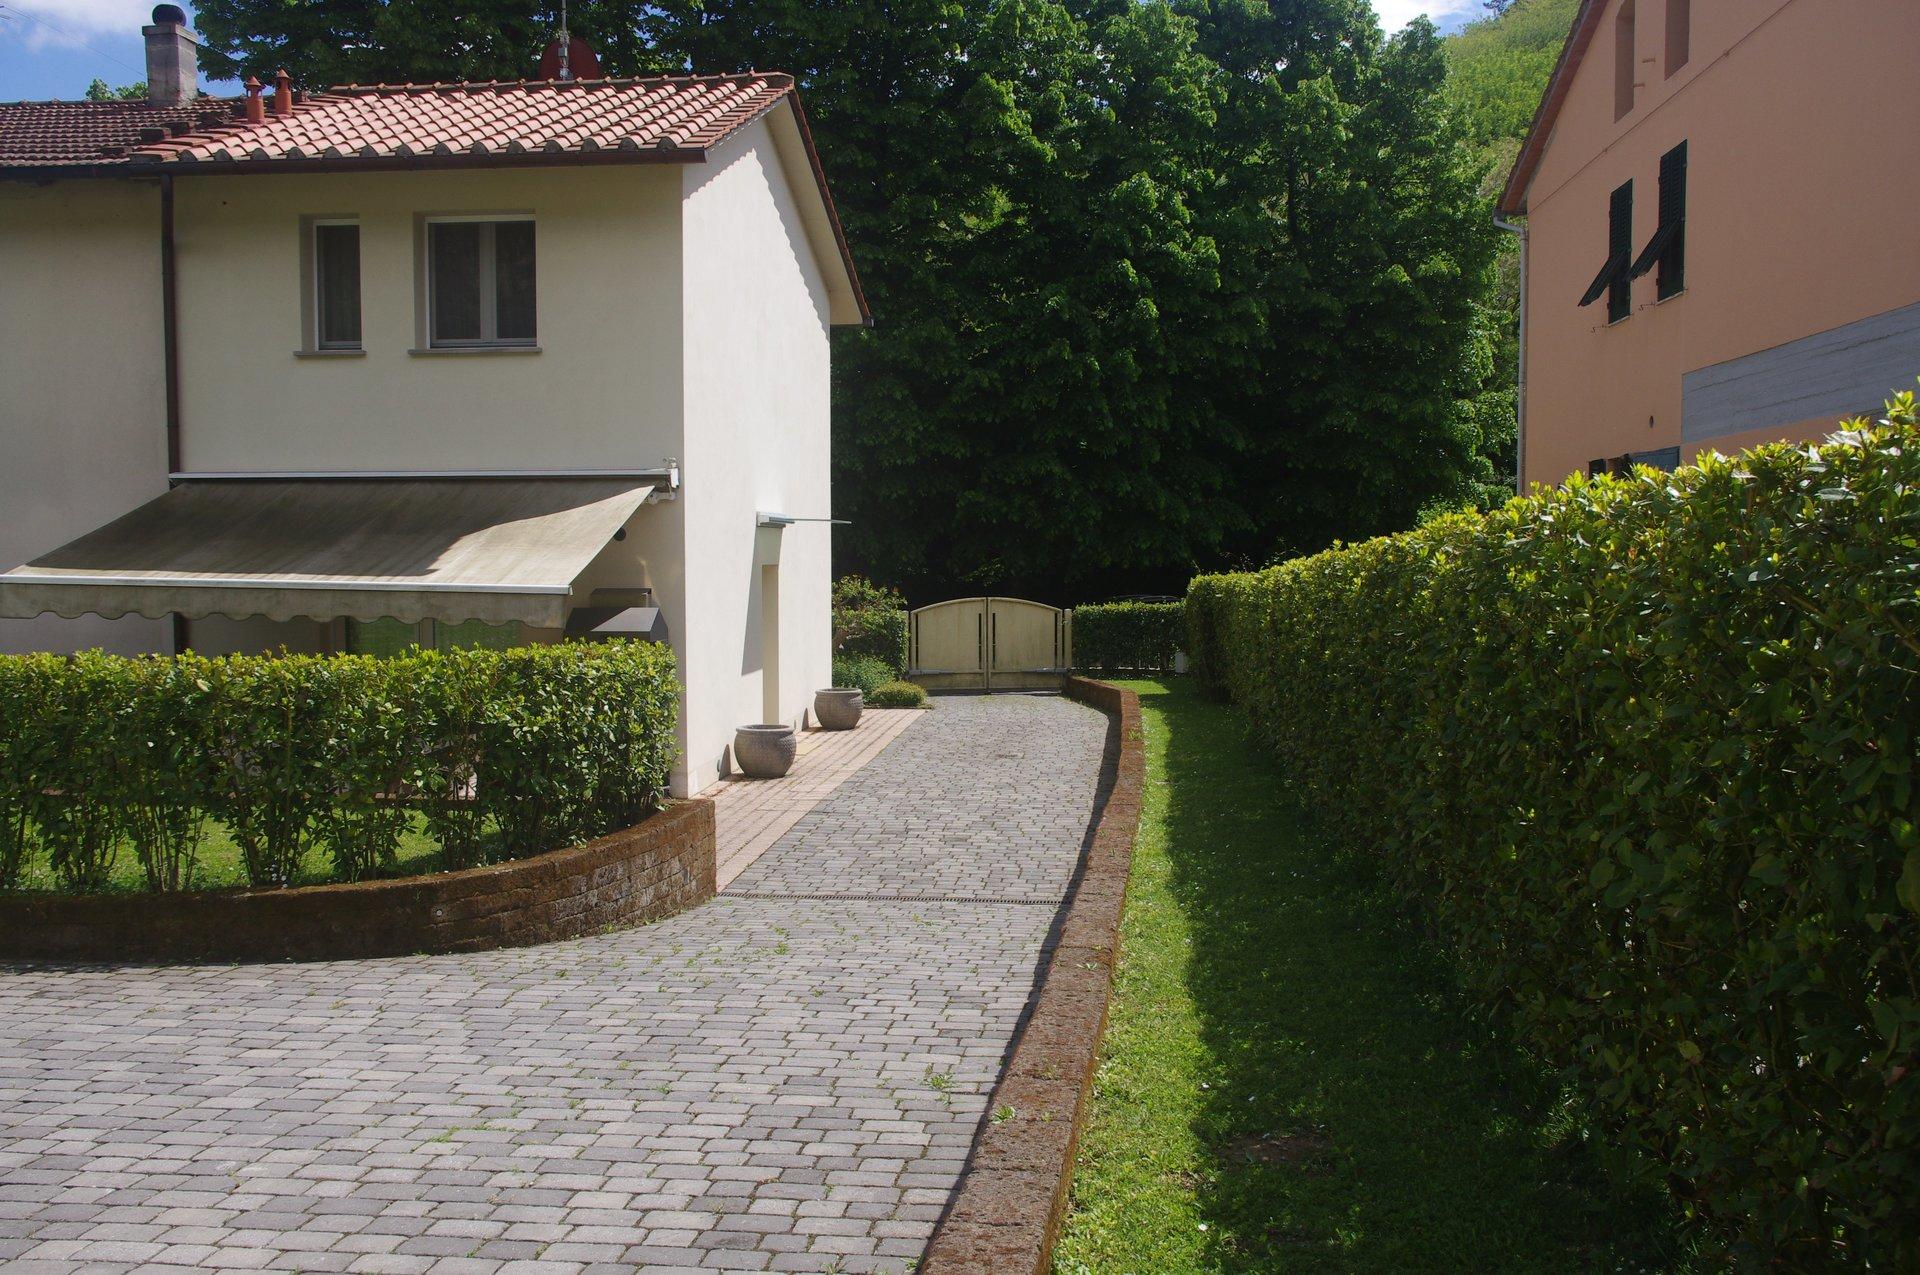 una villa con un pavimento in asfalto intorno e della siepe